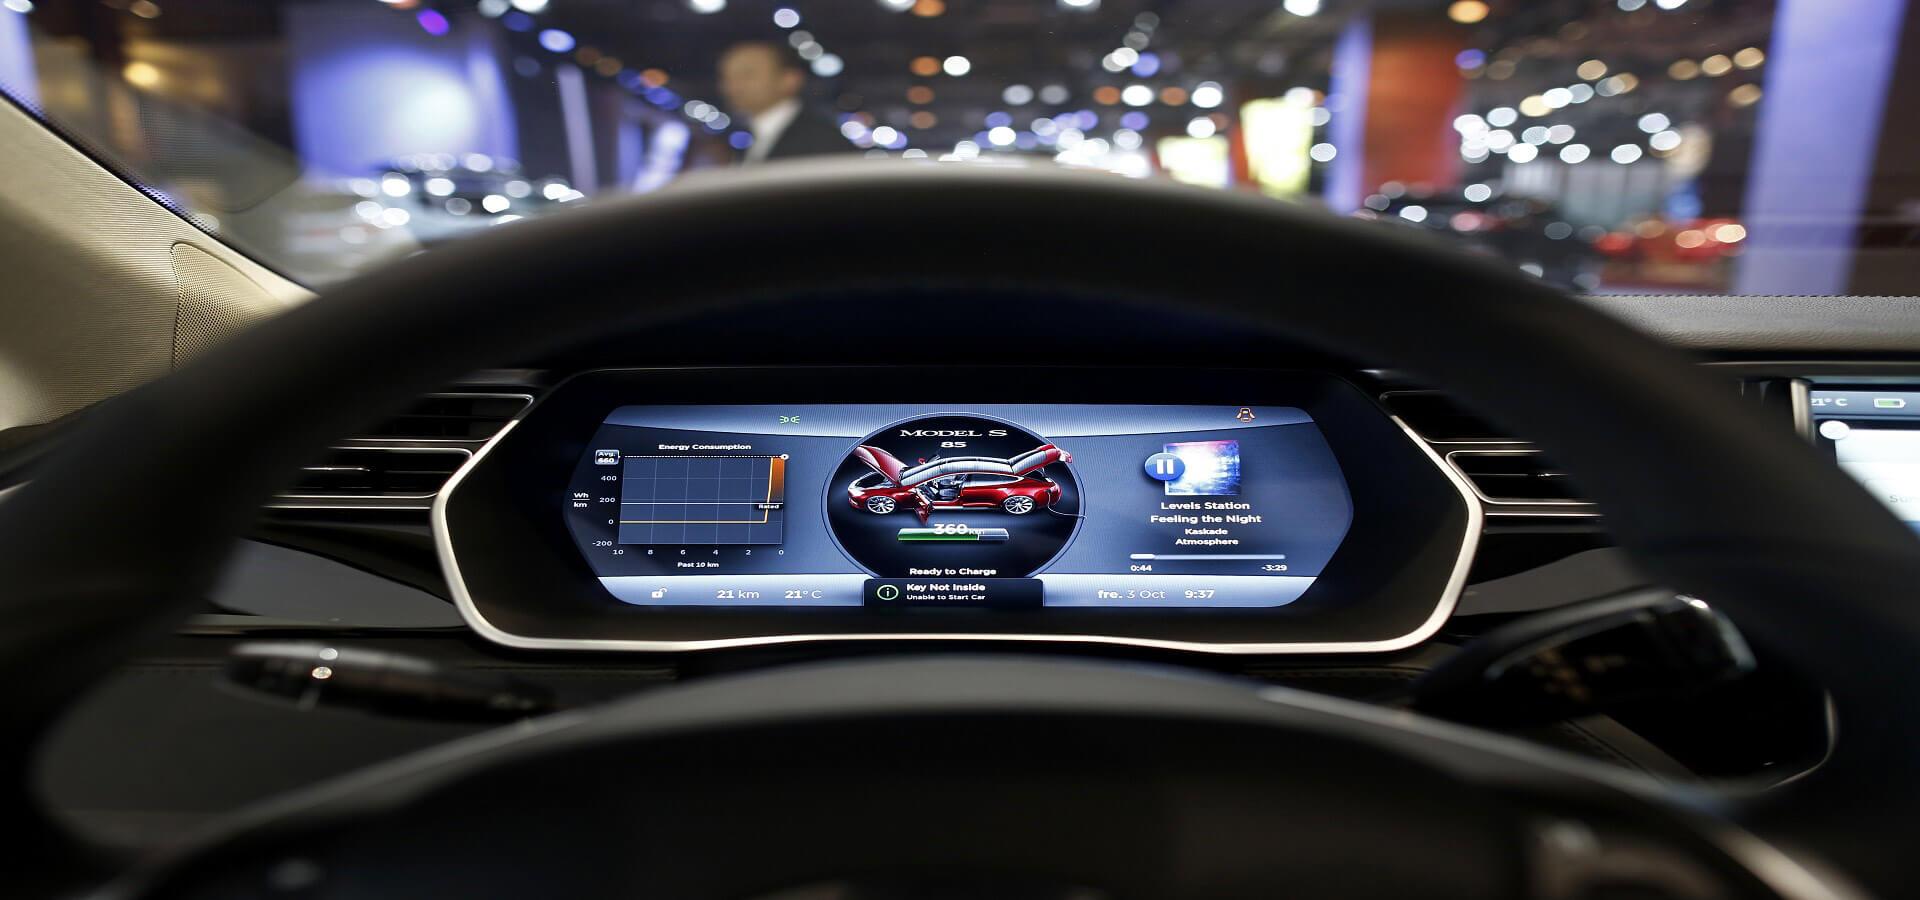 آیا با پیشرفت تکنولوژی مهارت رانندگی ما کاهش مییابد؟